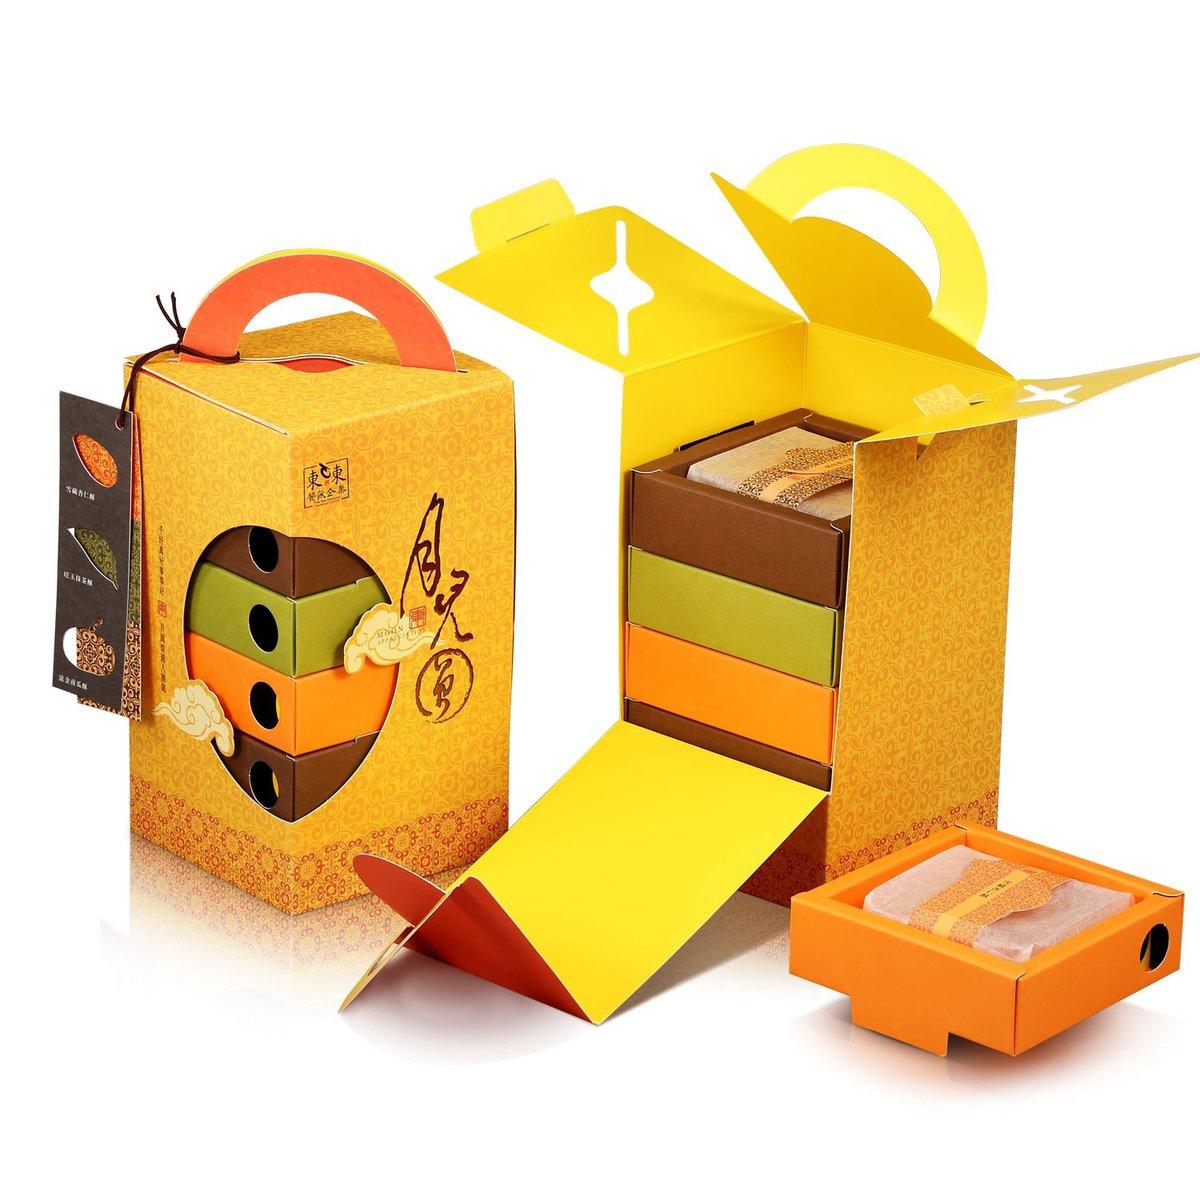 中秋月饼包装设计如何更好的表现?